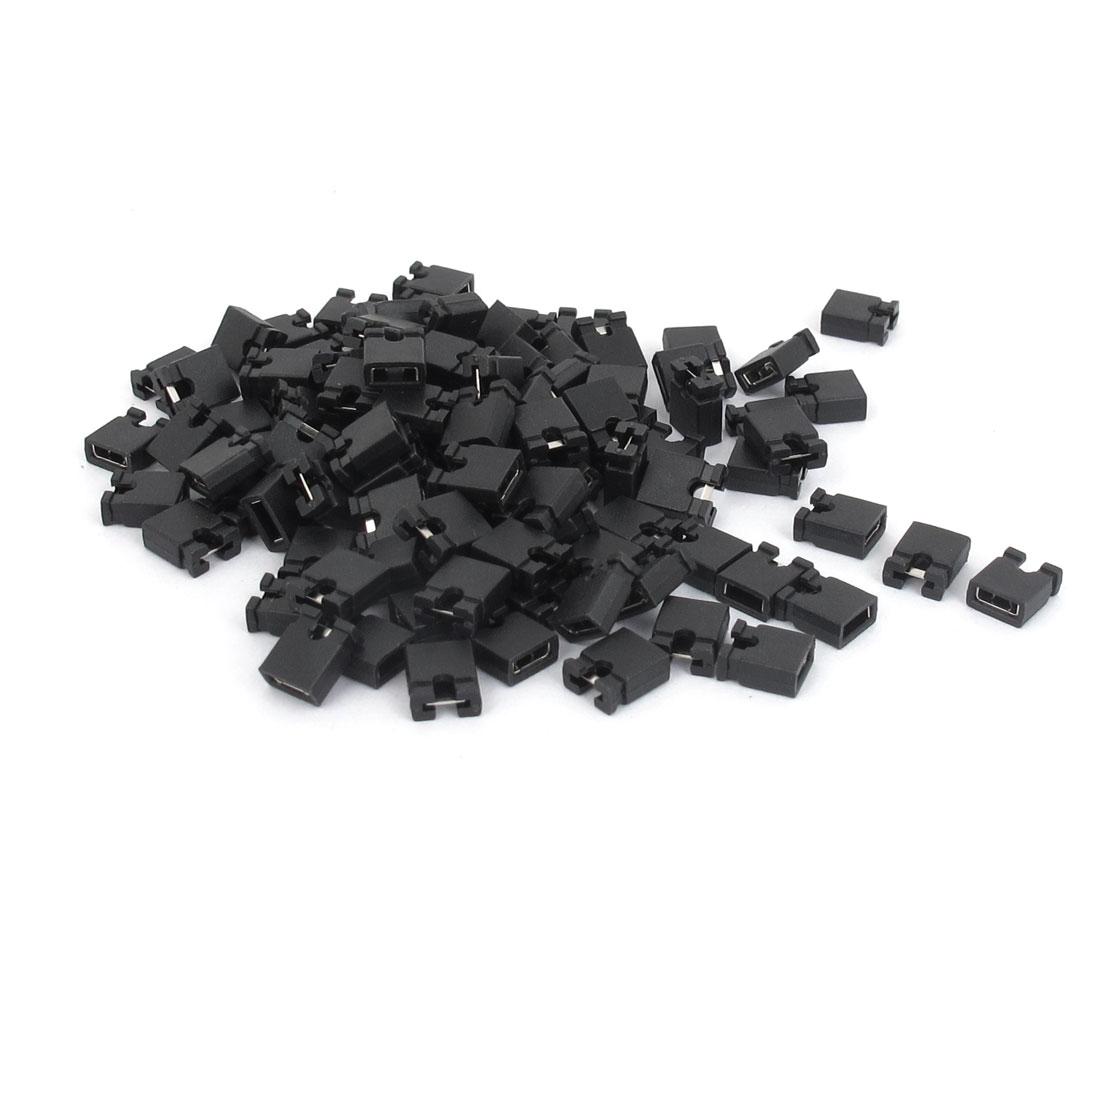 120 Pcs 2.54mm Standard PCB Shunts Short Mini Jumper Cap Connector